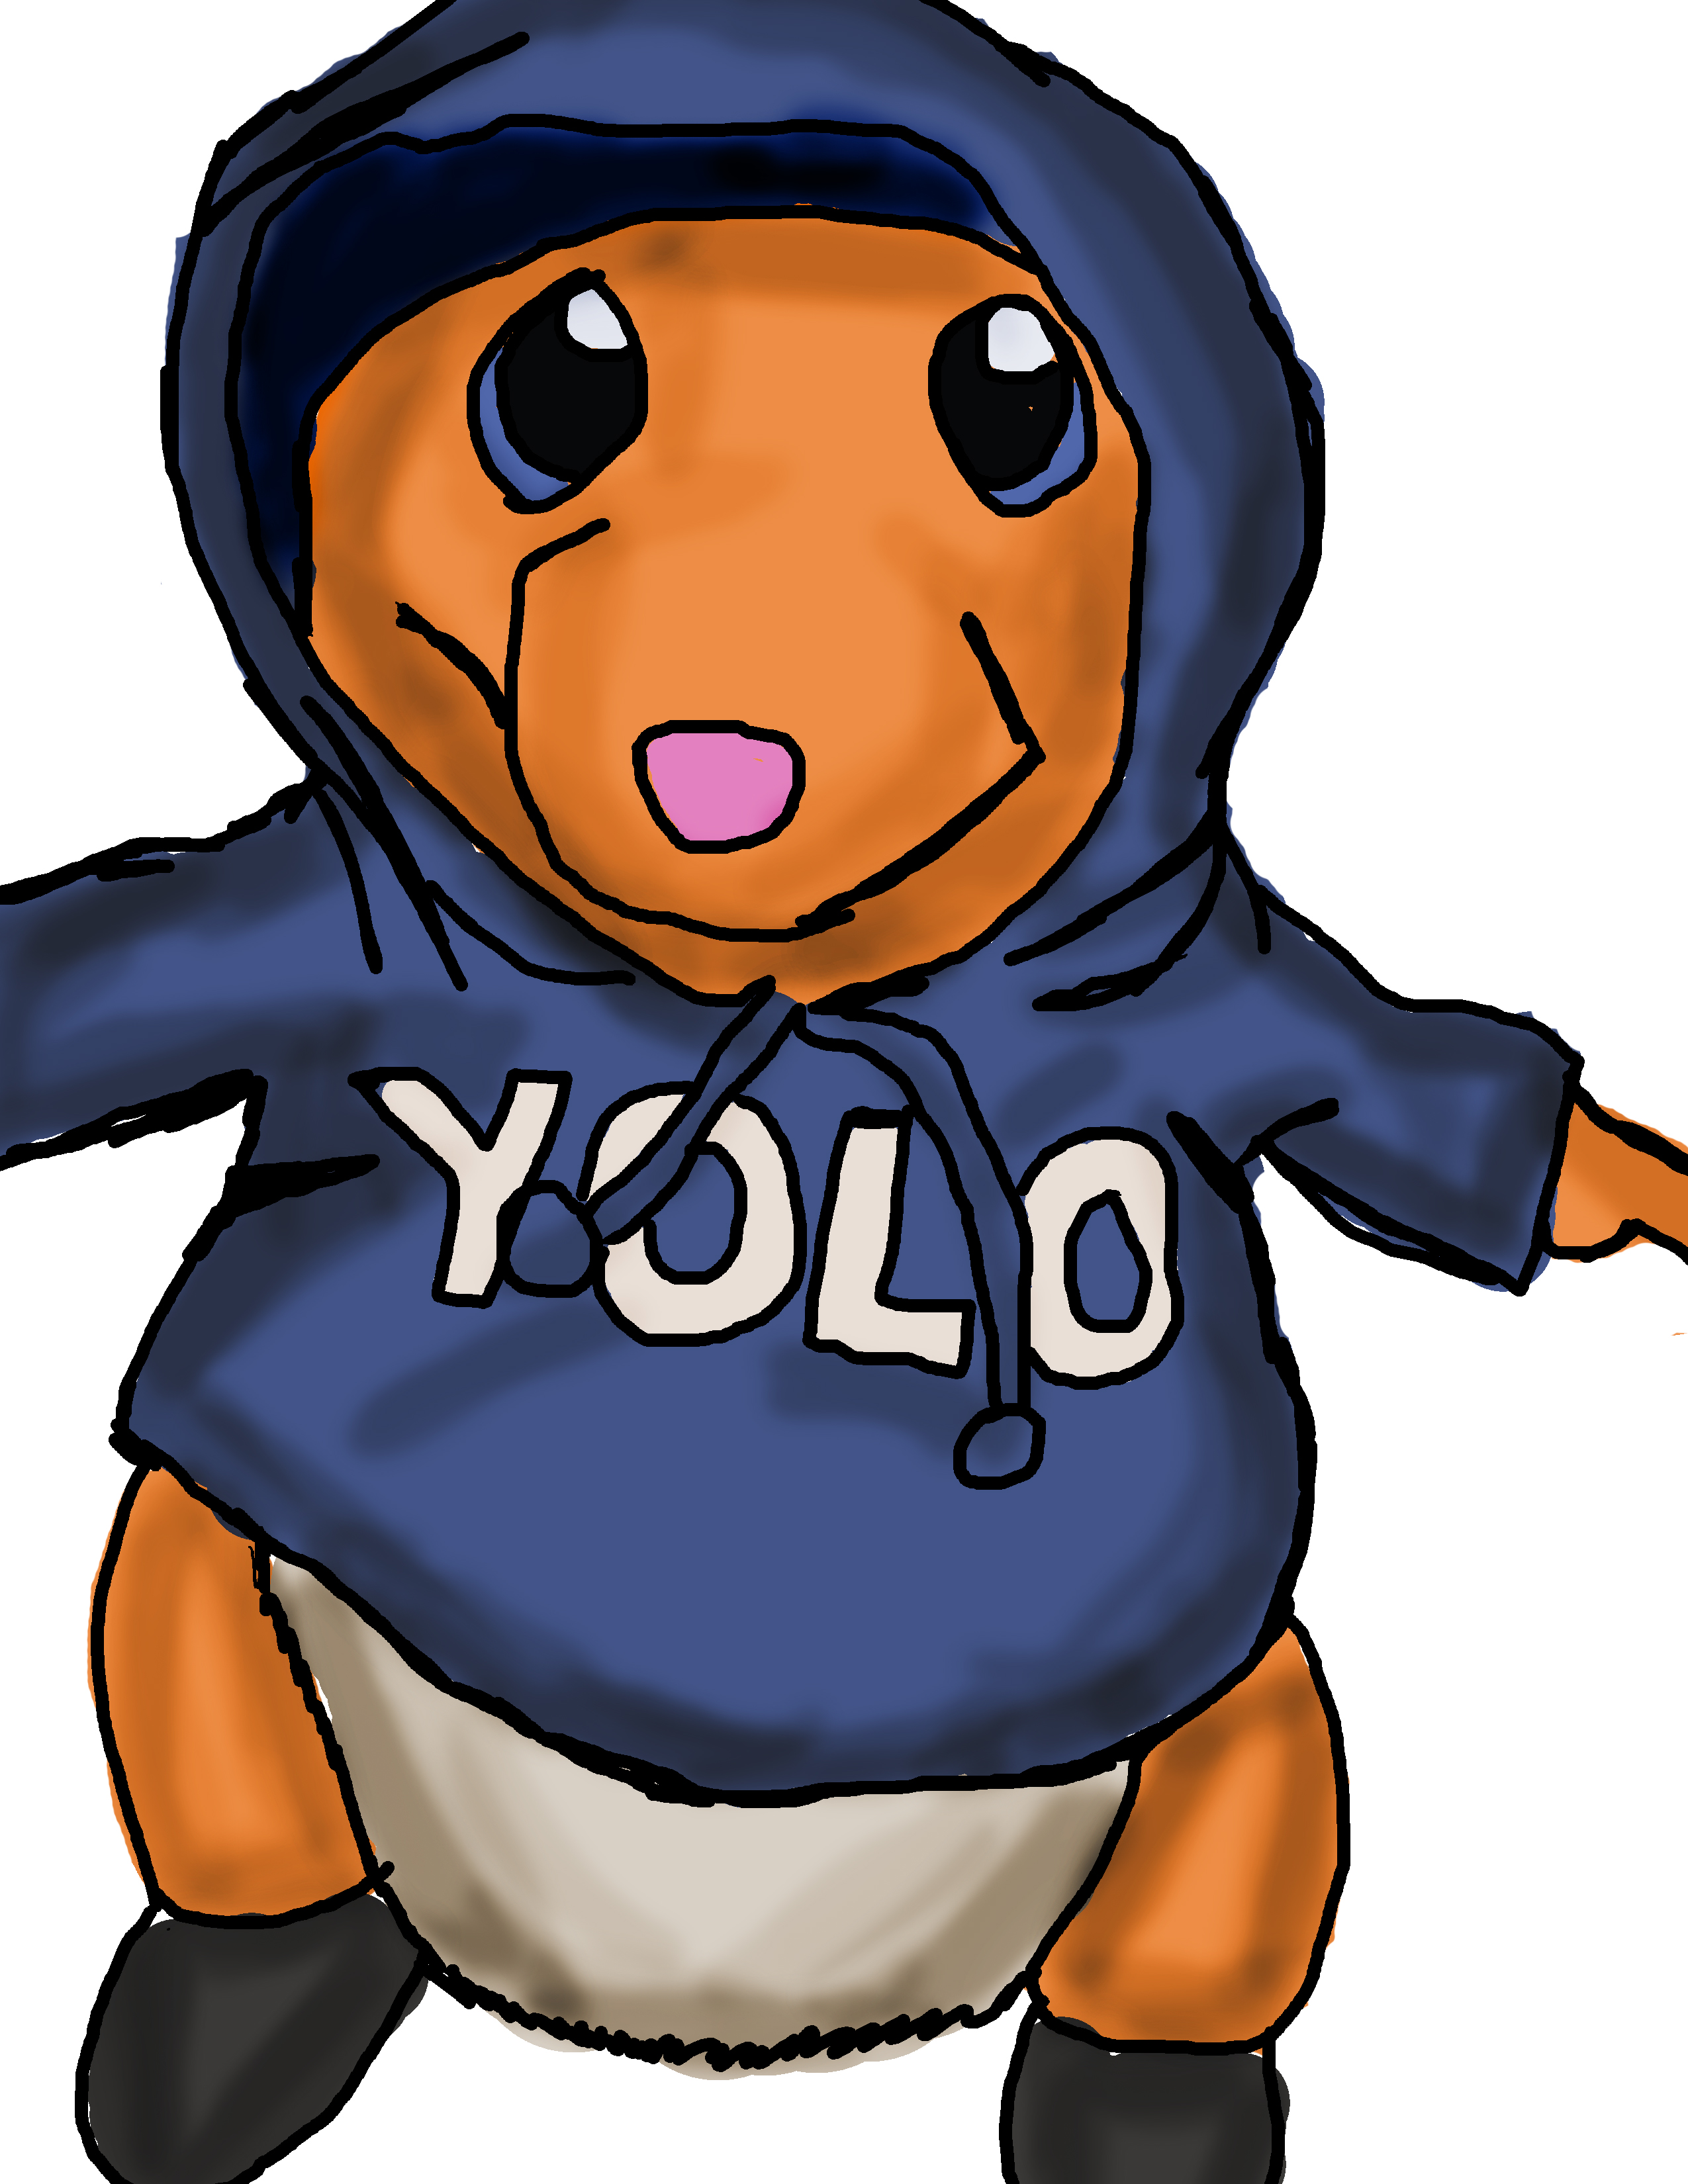 YOLO Squirrel